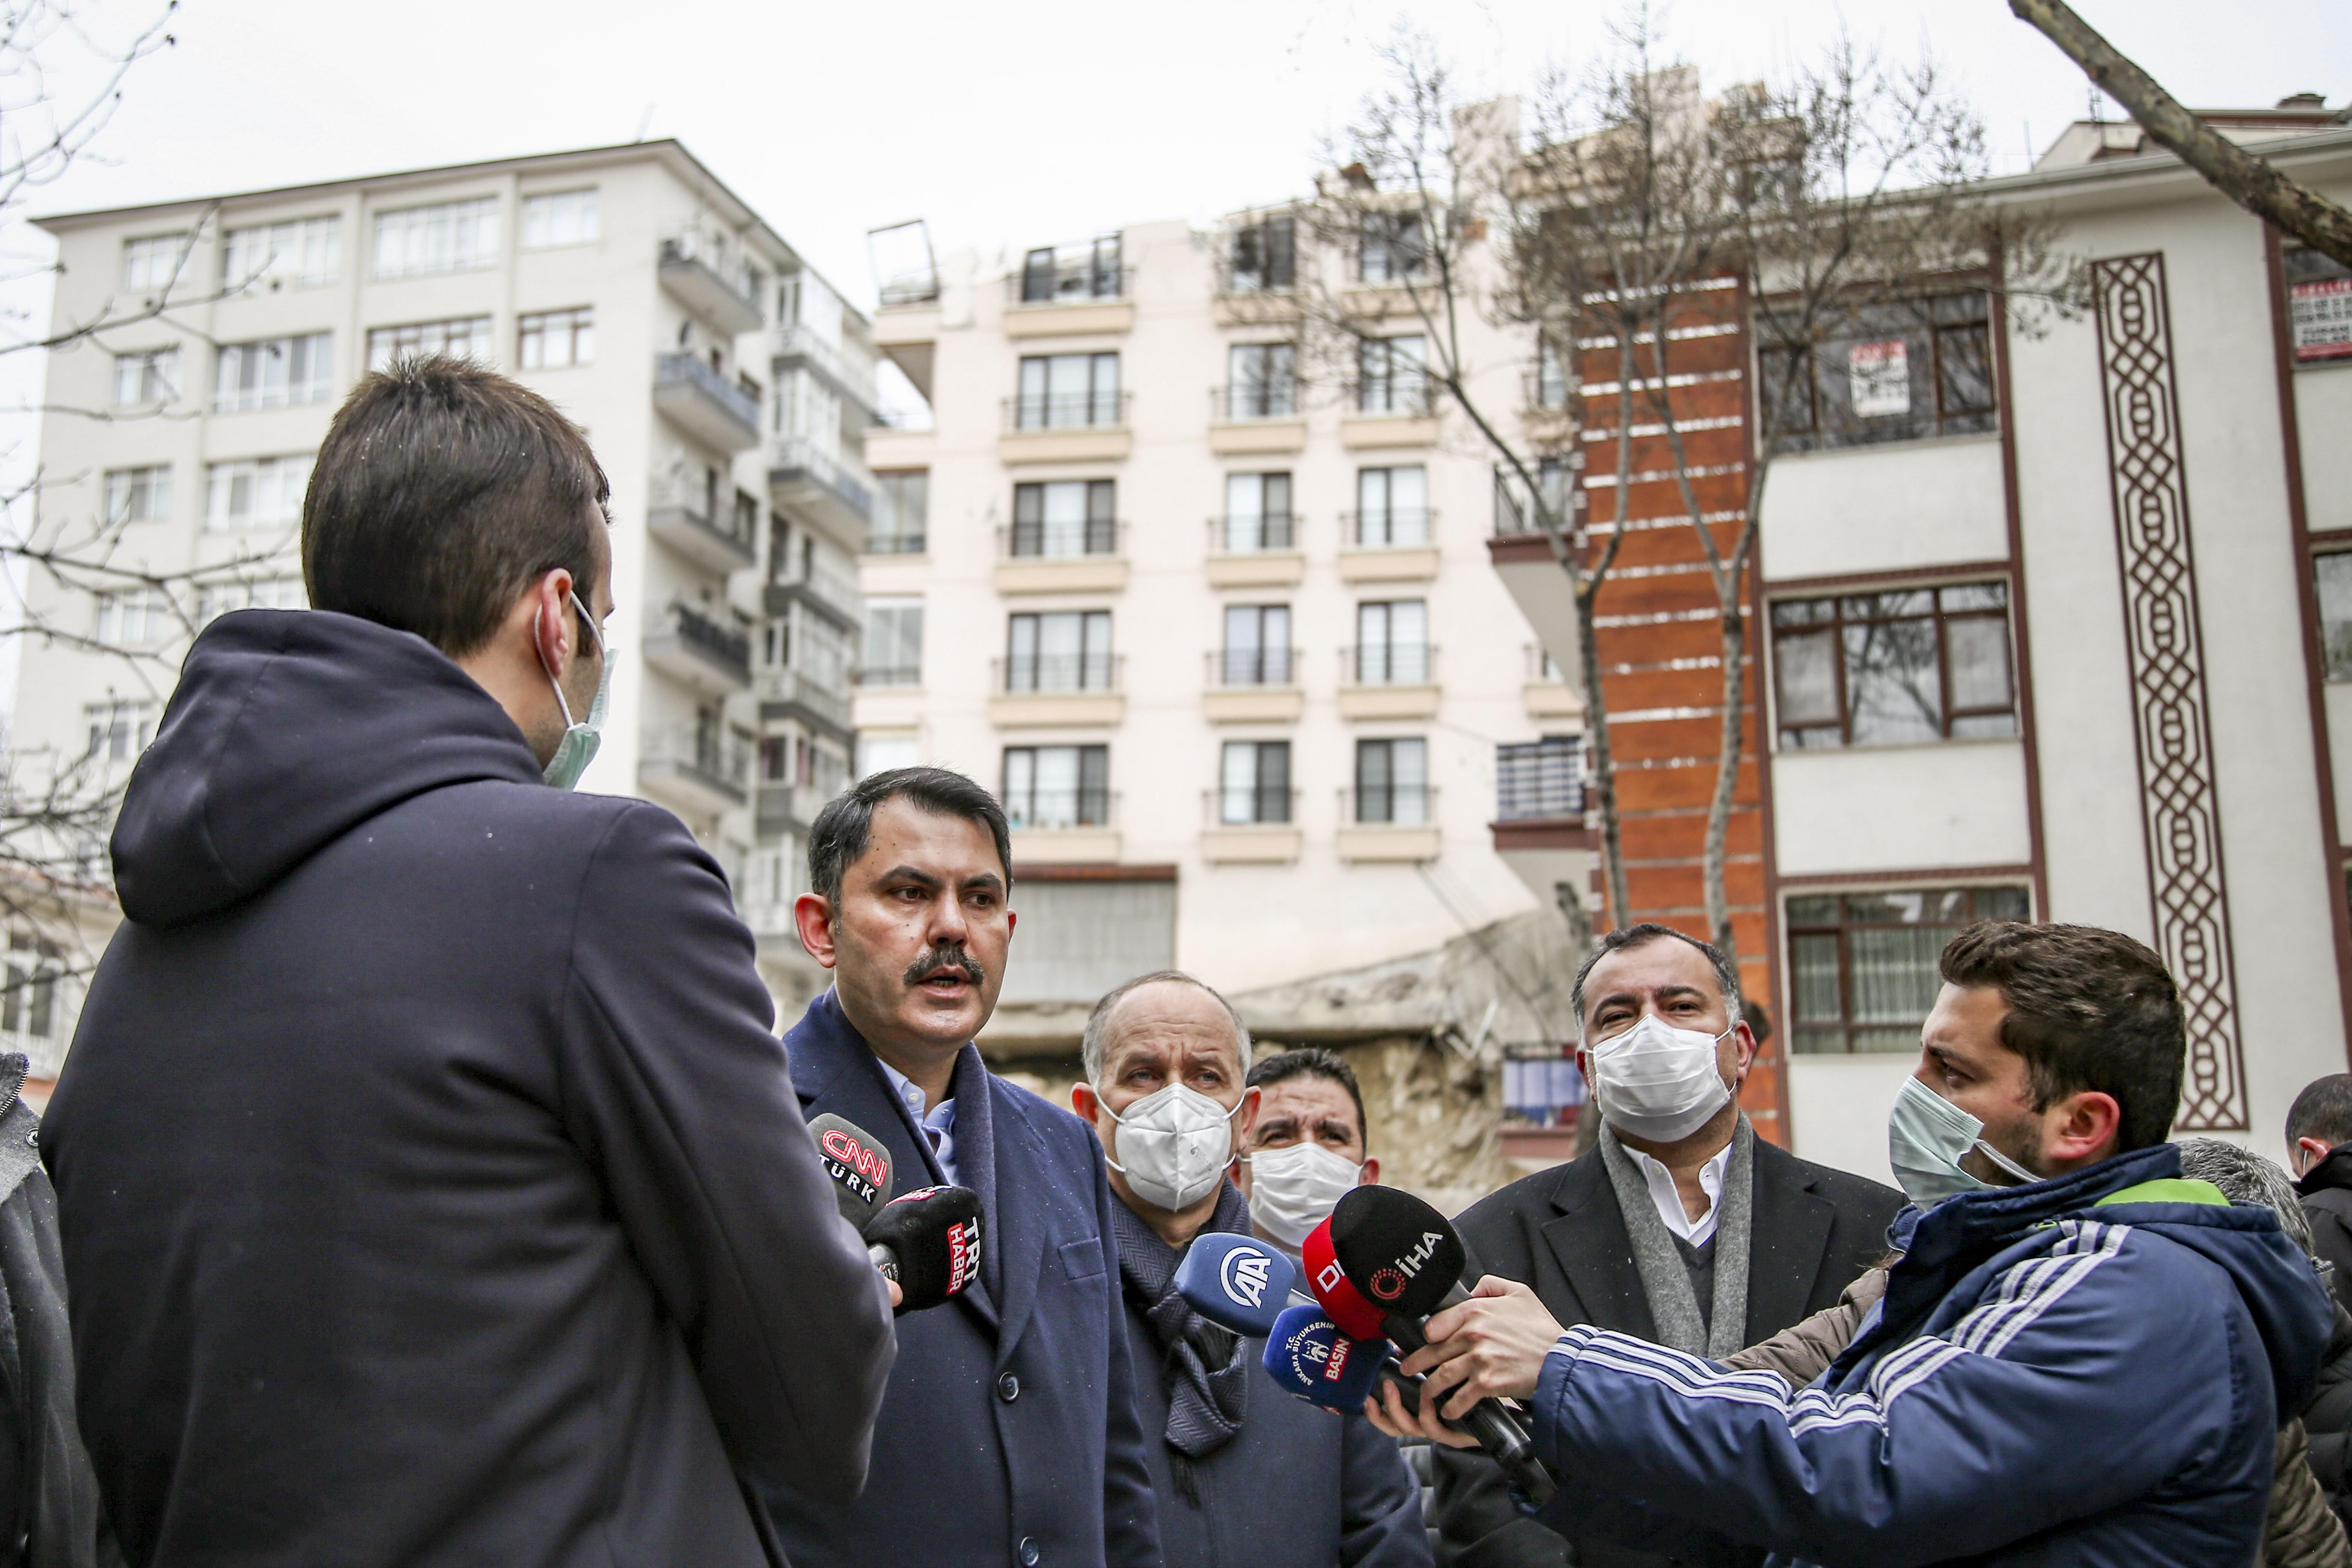 Bakan Kurum'dan Ankara'daki kontrolsüz kazıya sert tepki: Siz inşaat yaparken diğer vatandaşlara zarar veremezsiniz